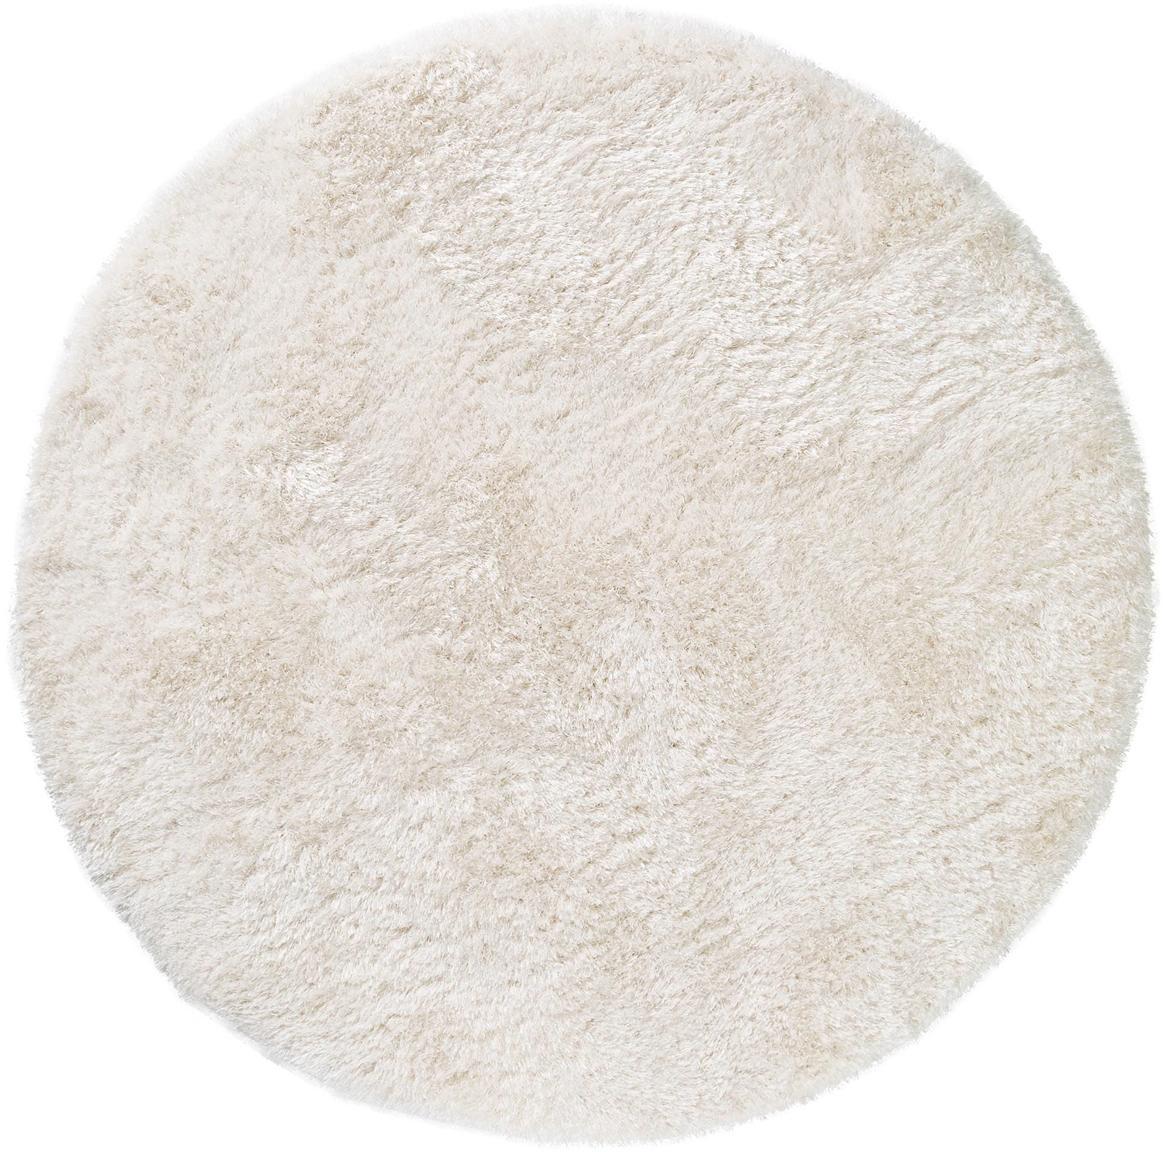 Tappeto a pelo lungo effetto lucido Lea, 50% poliestere, 50% polipropilene, Bianco, Ø 120 cm (taglia S)